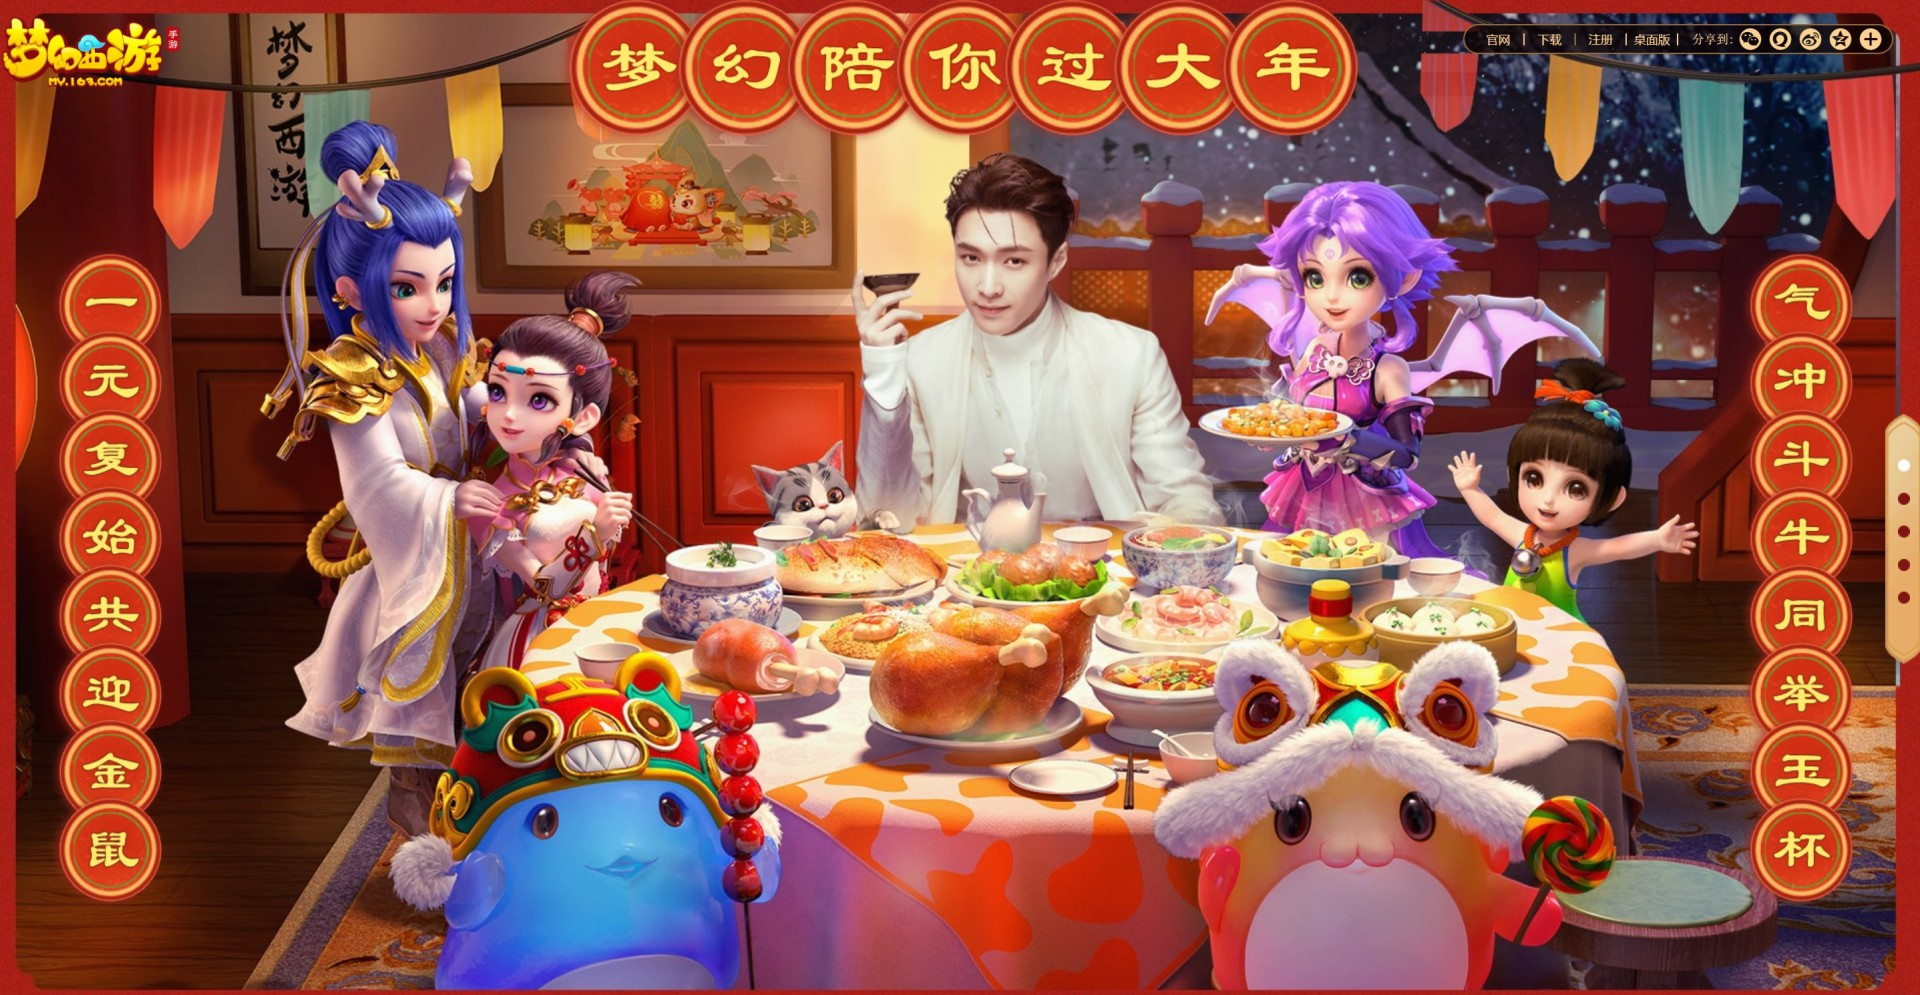 夢幻西(xi)游(you)手游(you)新春美食(shi)活動怎(zen)麼玩?新春美食(shi)活動大全(quan)[多圖]